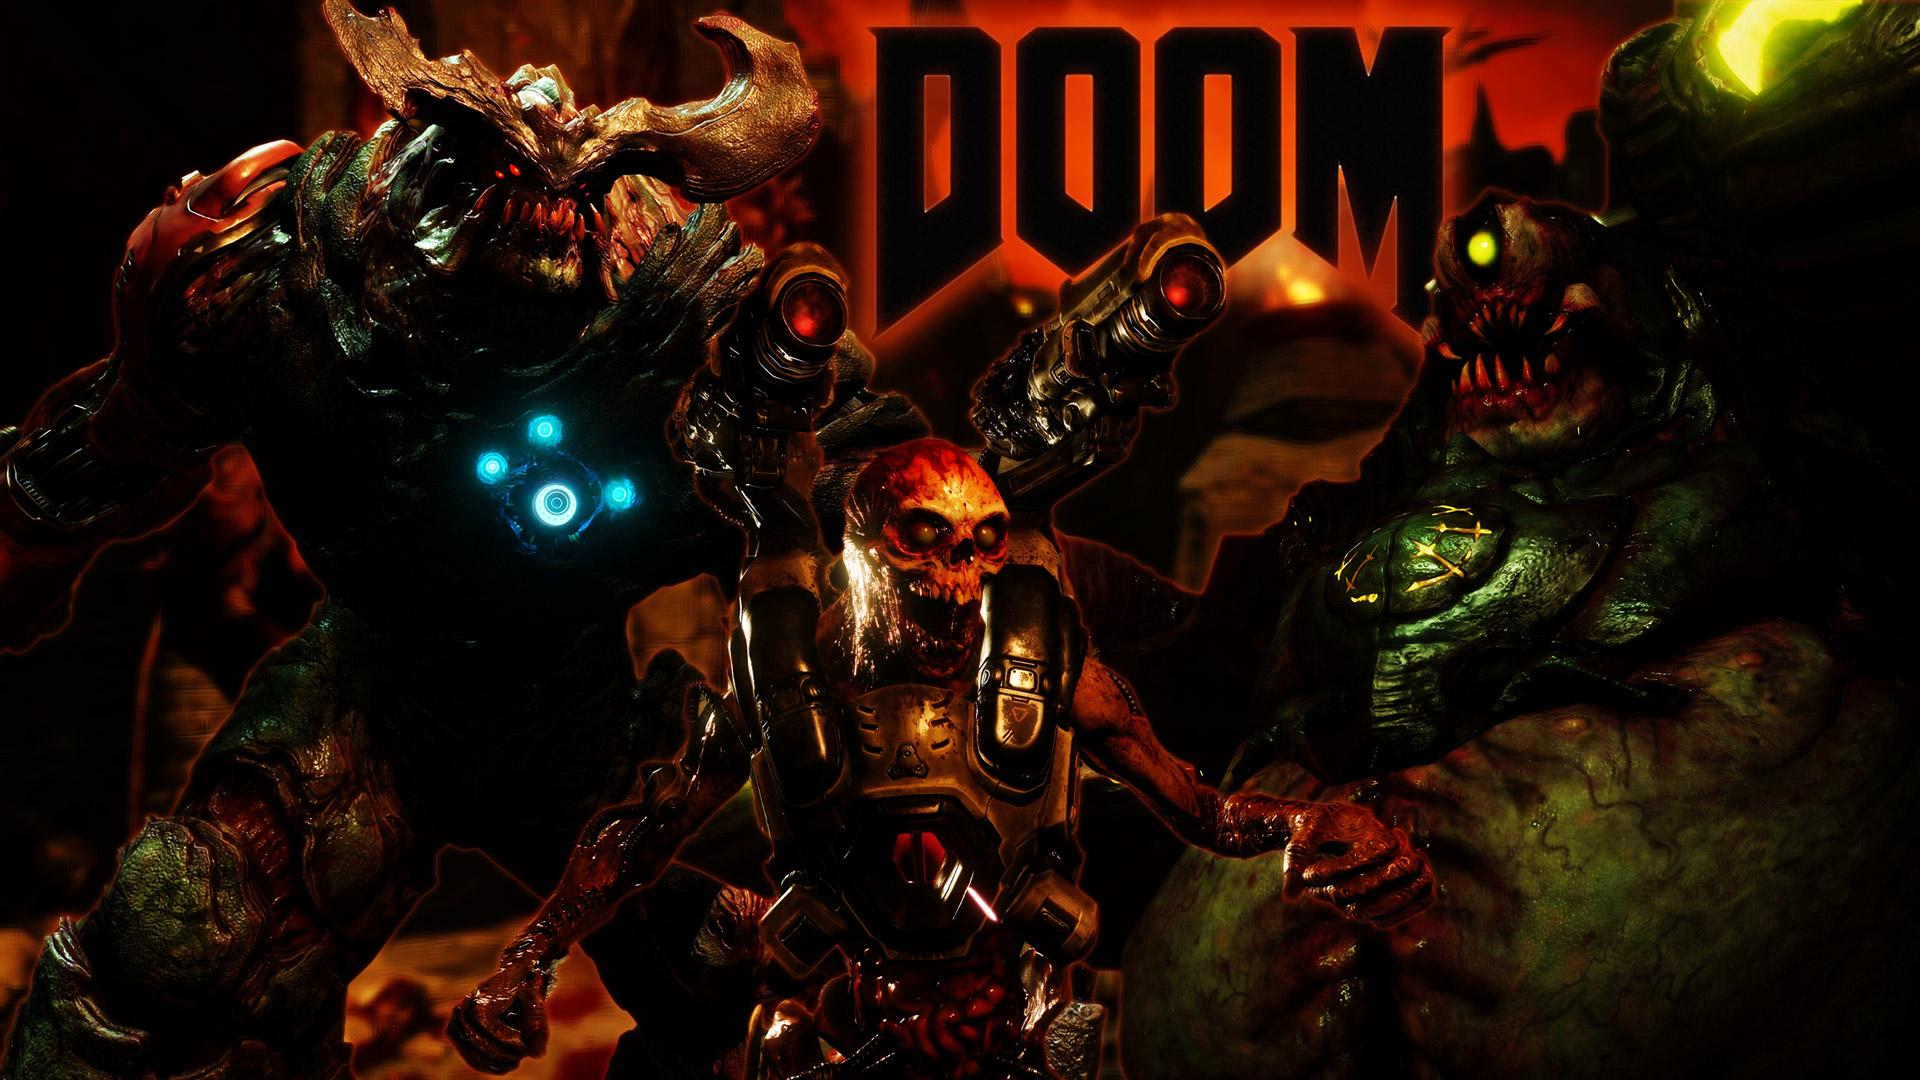 Doom 2016 Wallpaper in 1920x1080 1920x1080